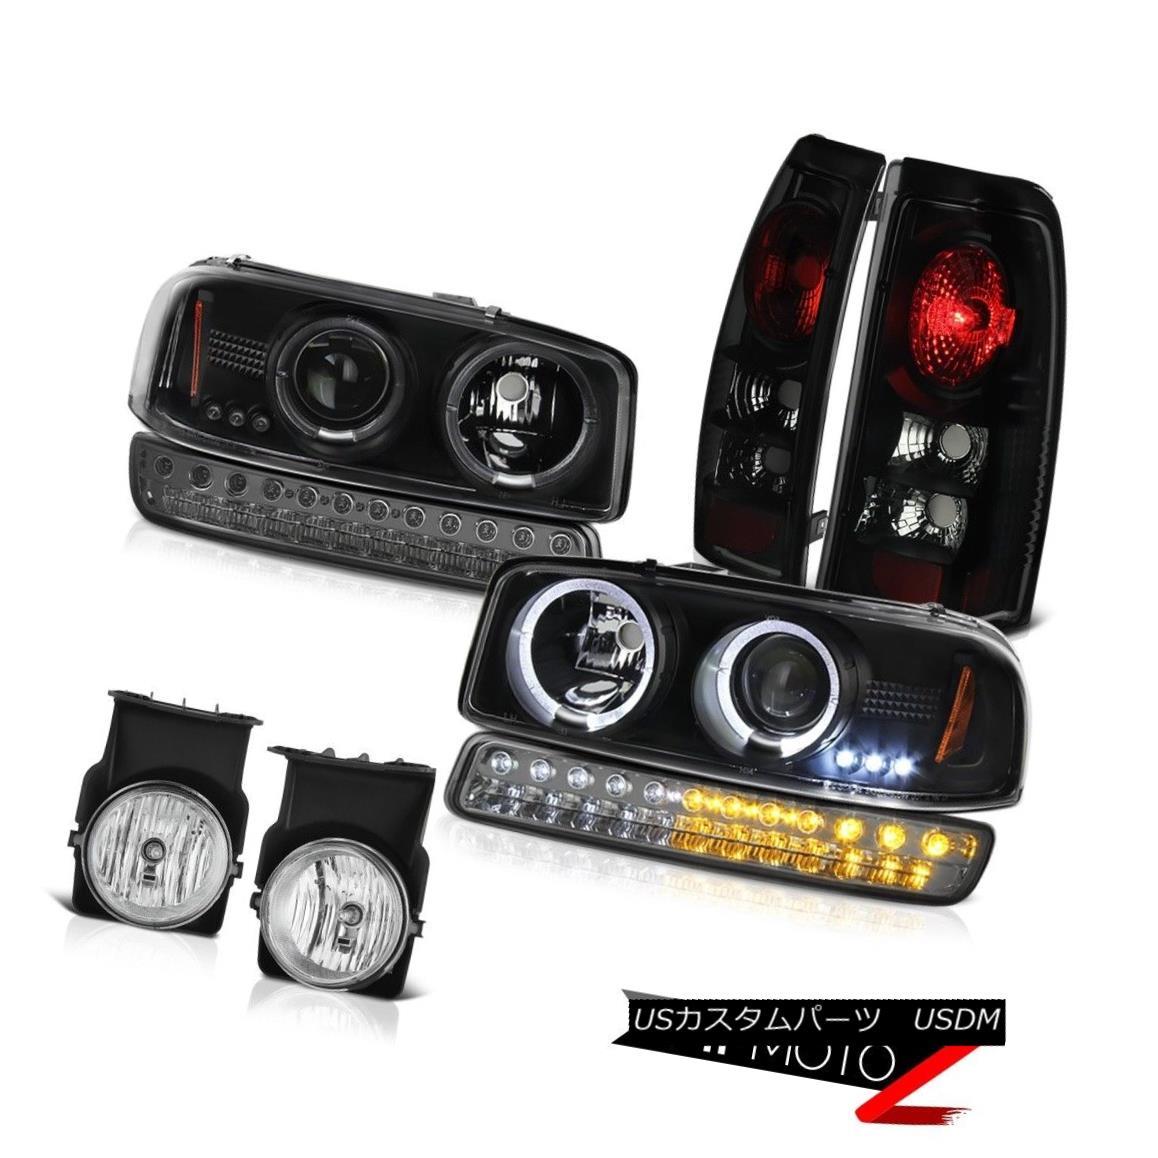 テールライト 03-06 Sierra WT Chrome Fog Lights Tail Brake Lamps Signal Light Headlights LED 03-06 Sierra WTクロームフォグライトテールブレーキランプシグナルライトヘッドライトLED